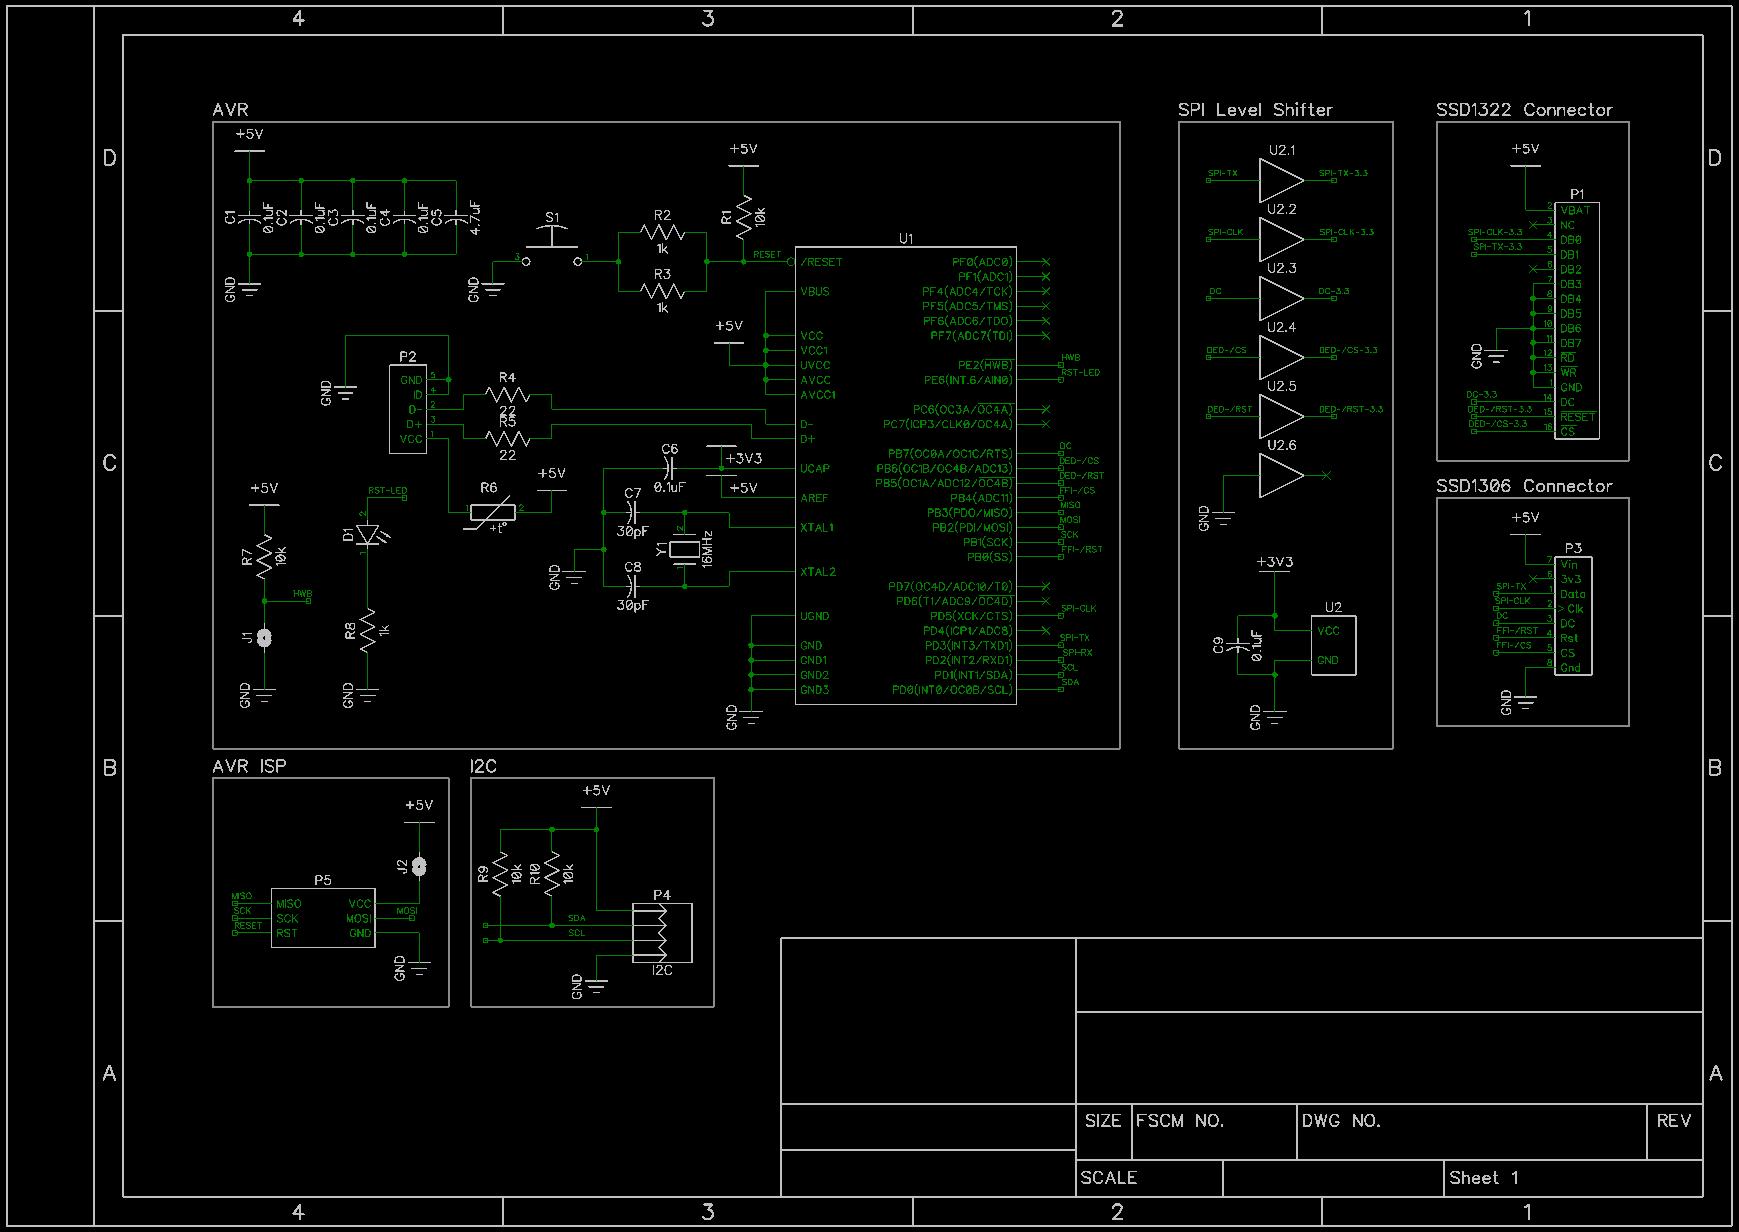 Usb Ded Ffi Details Circuit Diagram Showing Connections 4782331483145846632